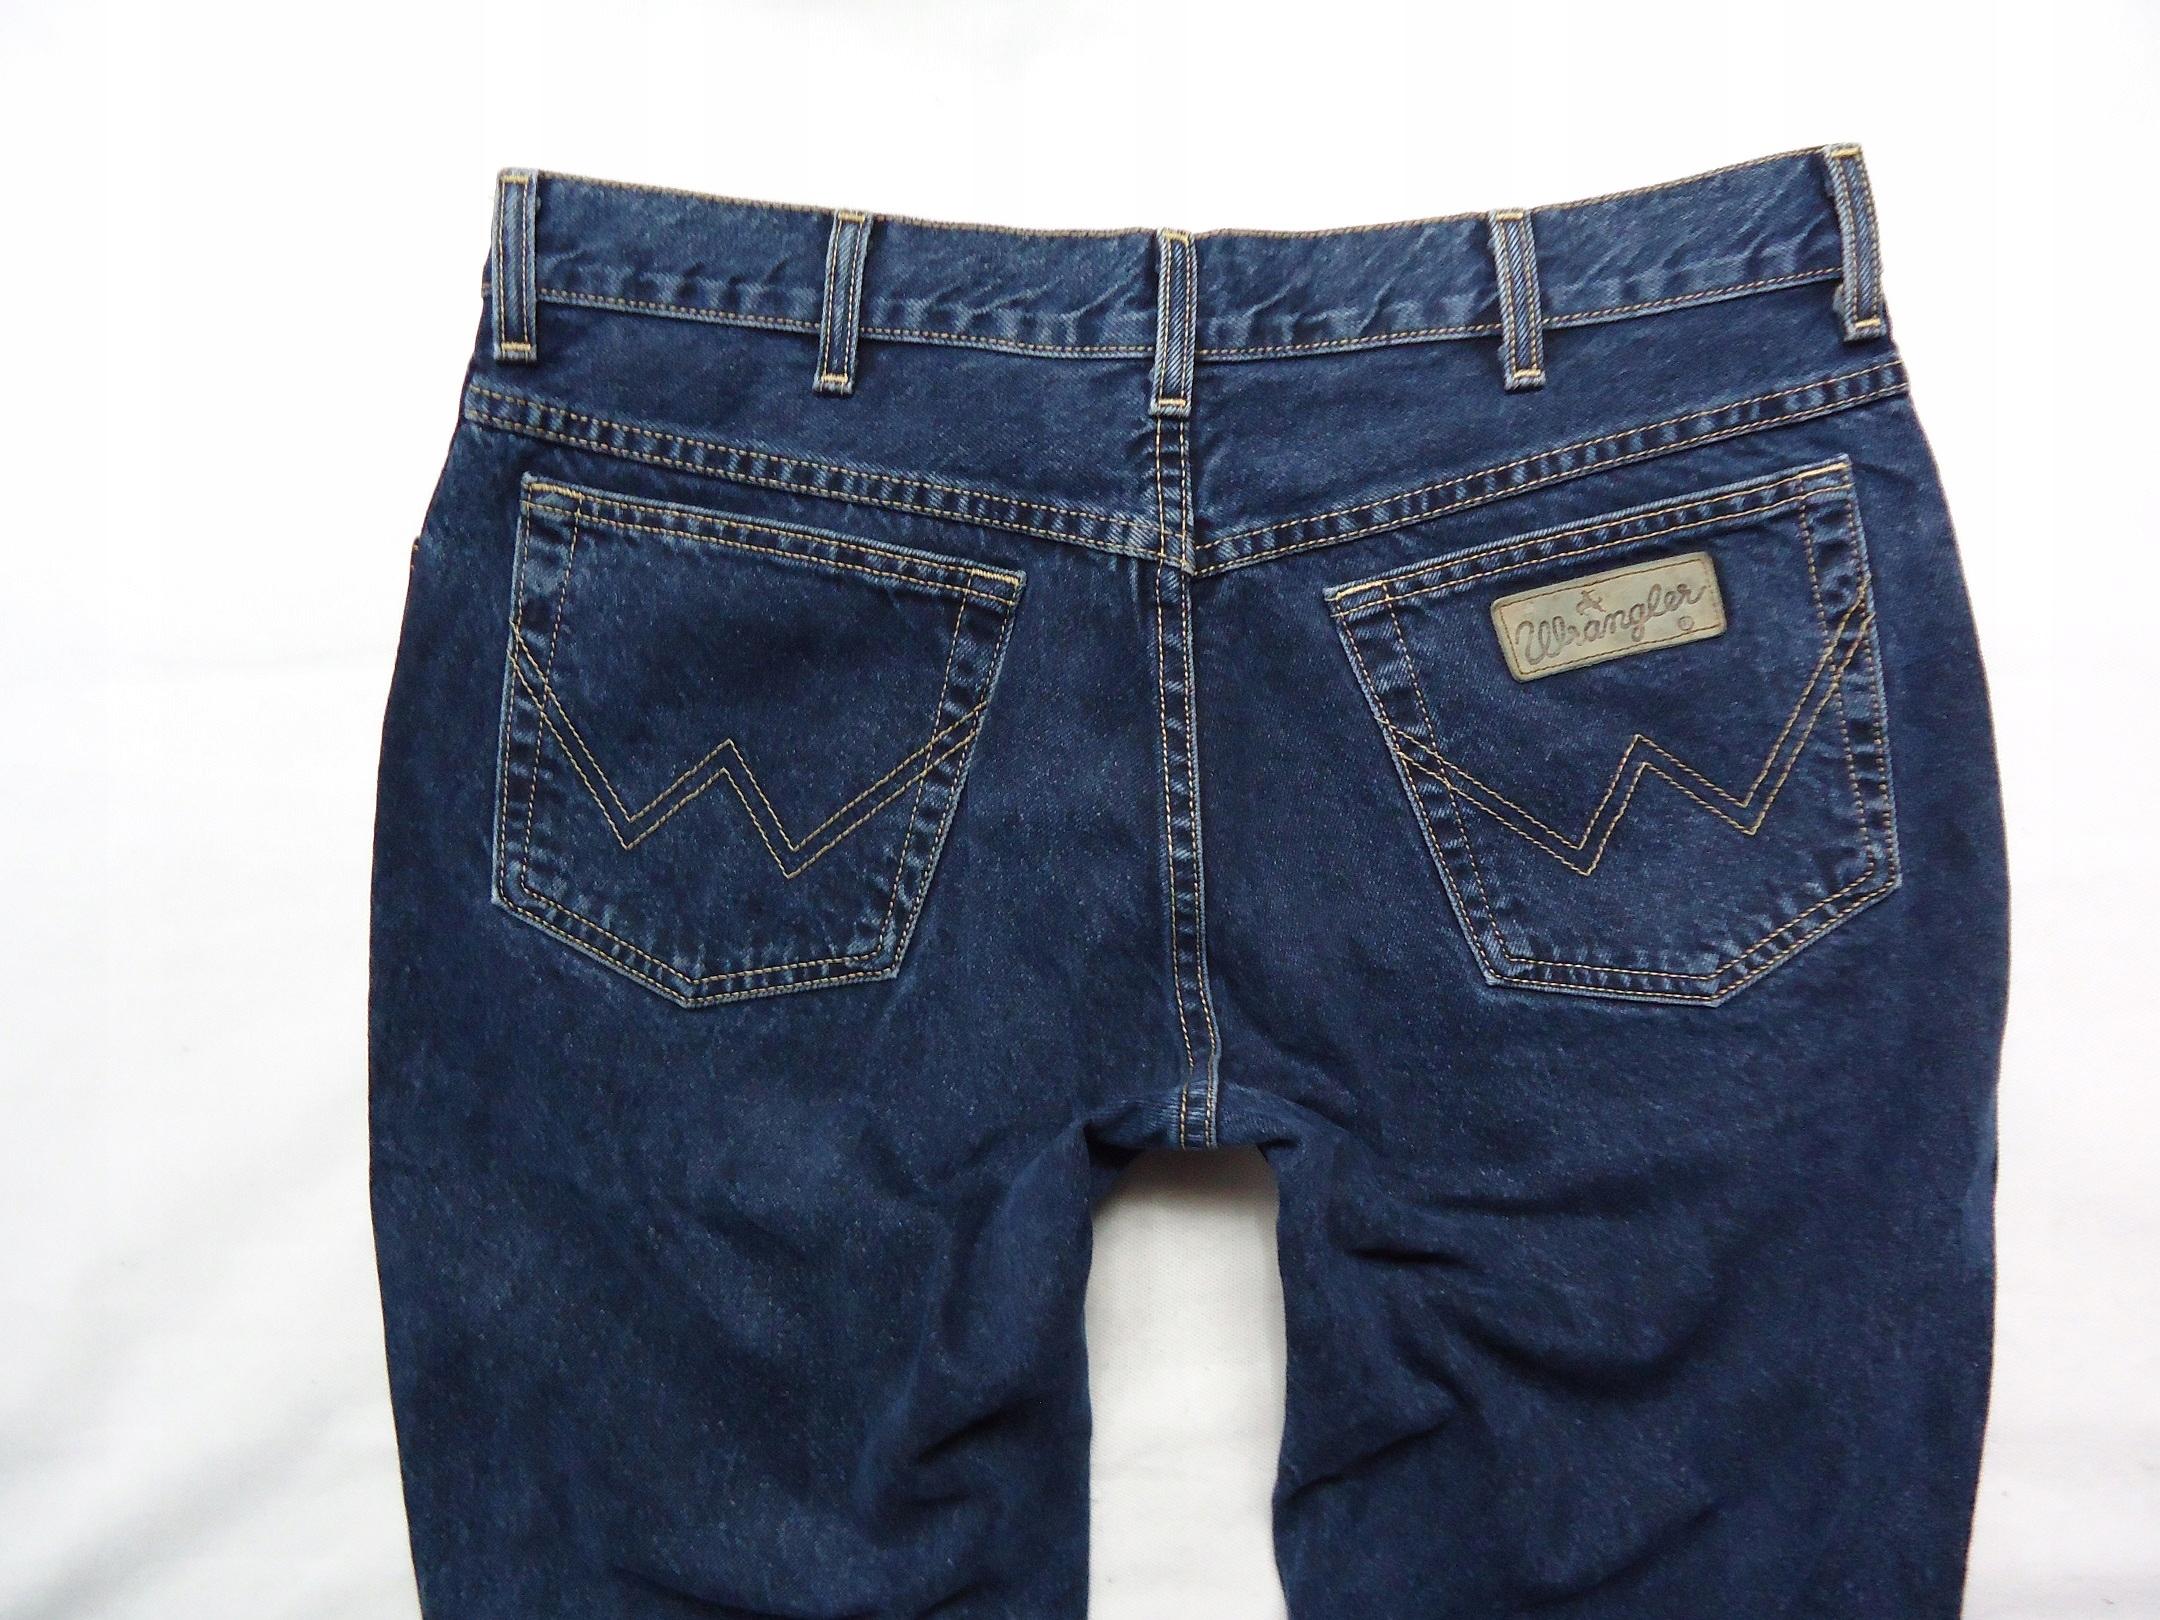 Spodnie WRANGLER TEXAS W36 L30 36/30